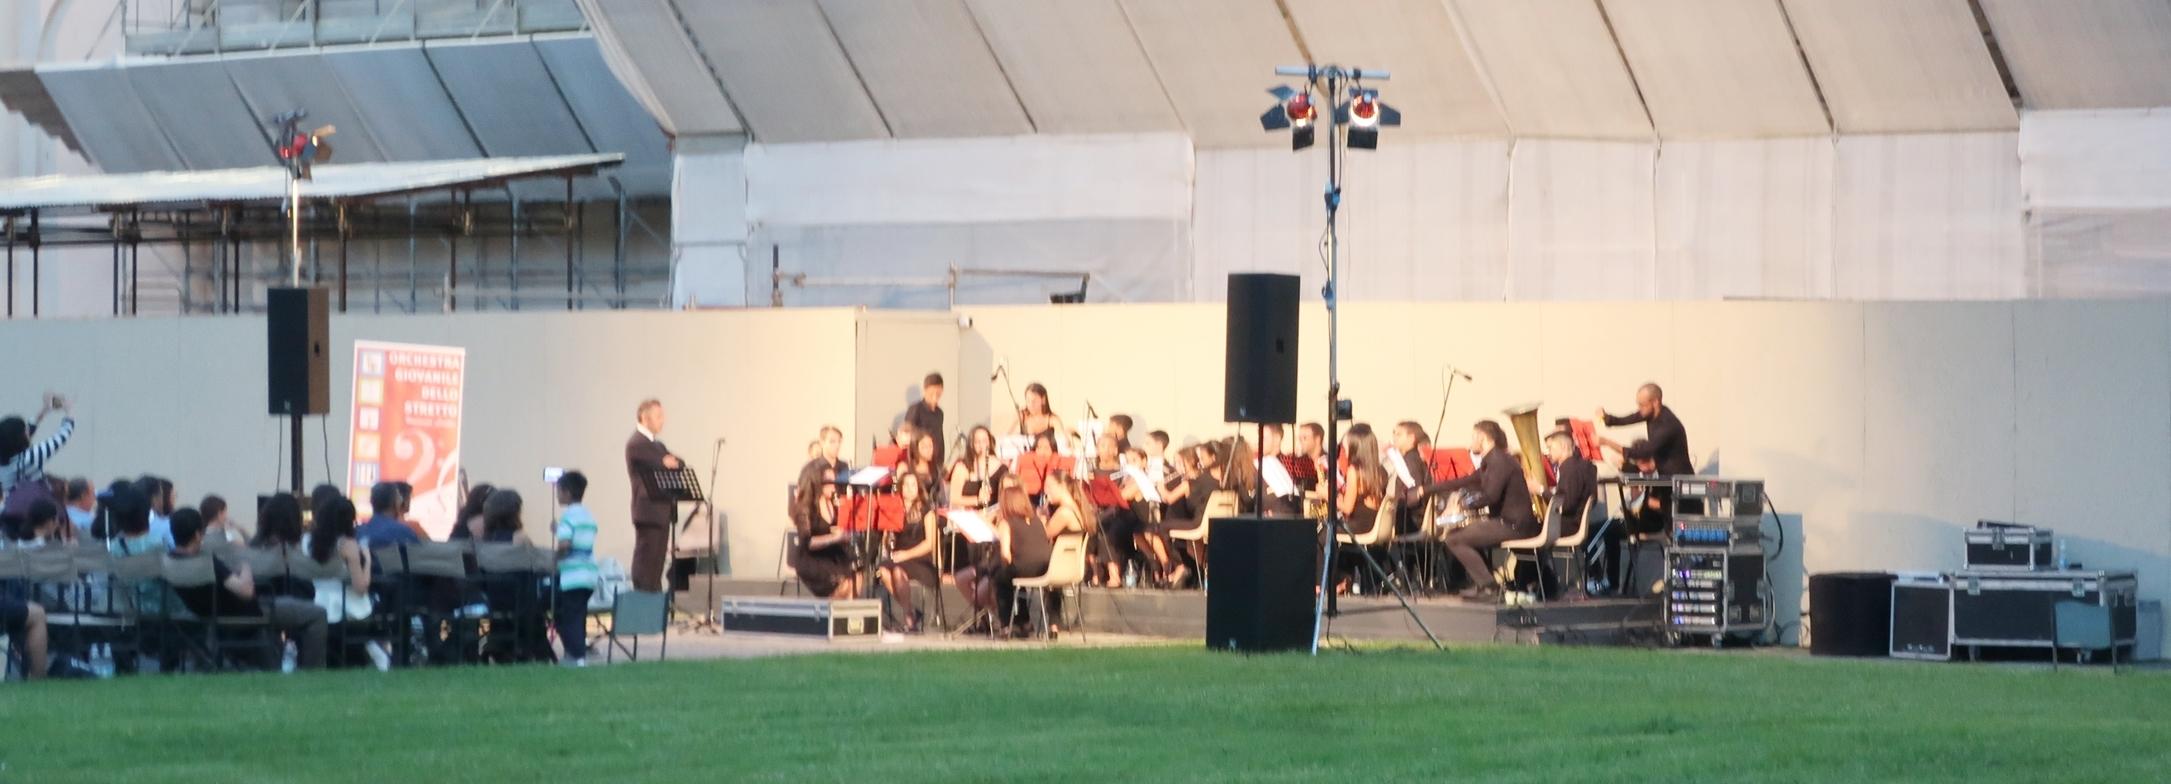 IMG_3185(Vatican_pine_garden_concert).jpg